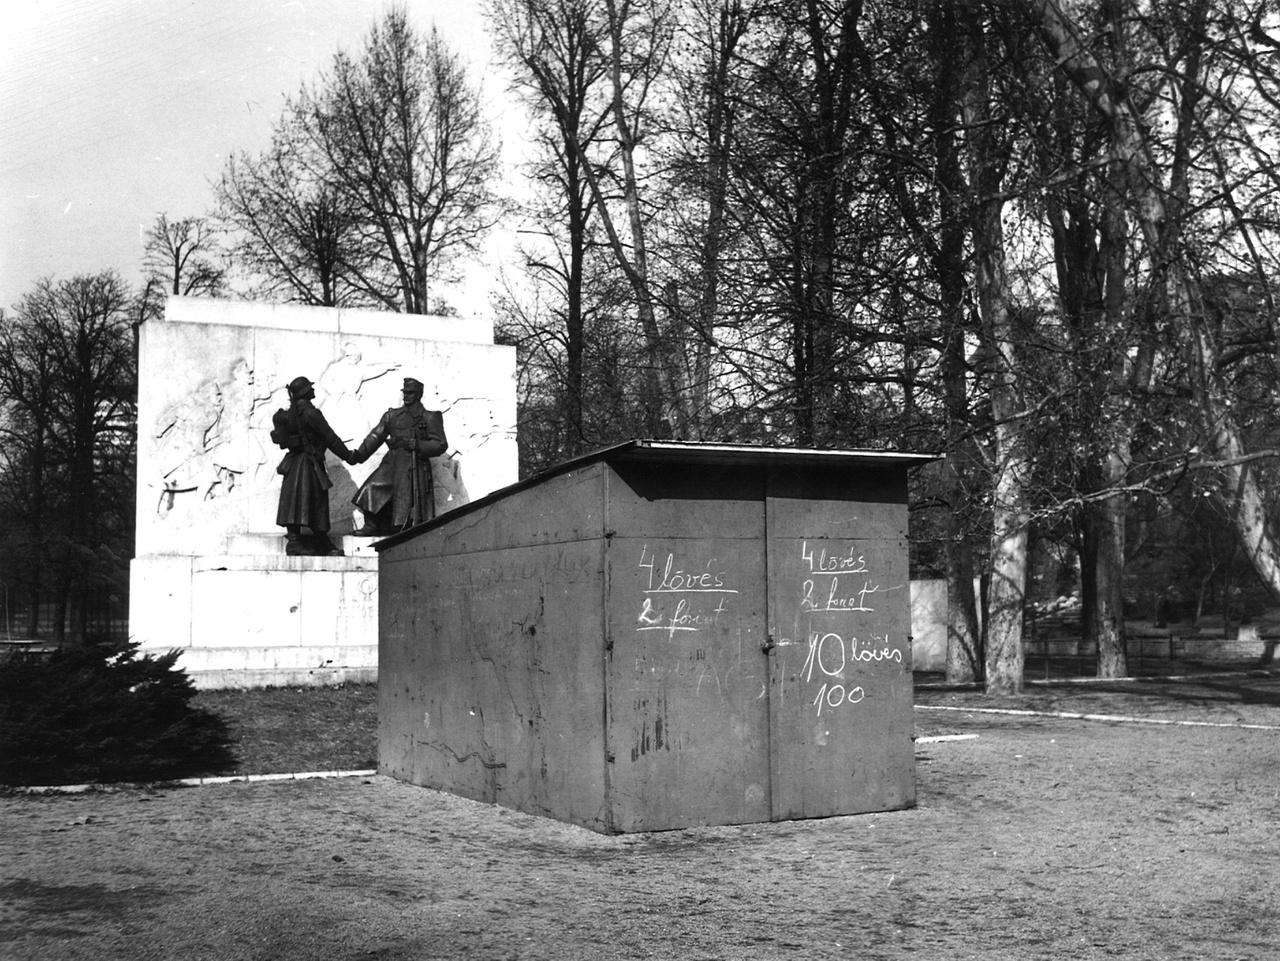 Ez is a Városmajor. A háttérben Kisfaludi Stróbl Zsigmond műve, az 1941-ben még felállított Tábori vadászok emlékműve. Ekkorra már újrafaragtatták az egyik alak sapkáját, mert túl csendőrös volt, de az alkotás szerencsére megmaradhatott. Állítólag nem nagyon tudták, mit ábrázol. Sőt, kissé bizarr módon felállítottak előtte egy alkalmi céllövöldét.